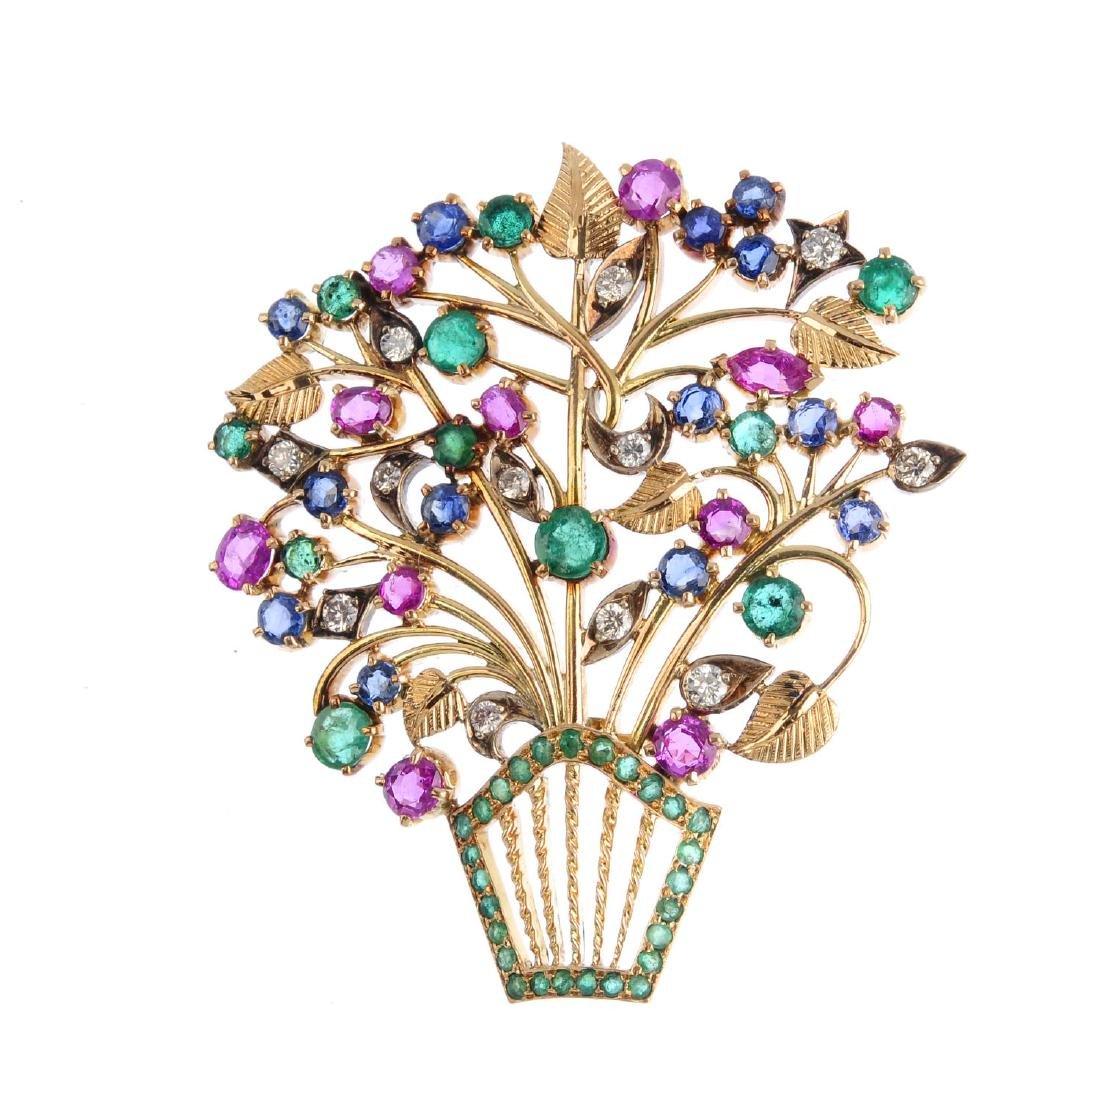 A diamond and gem-set basket pendant. Designed as a